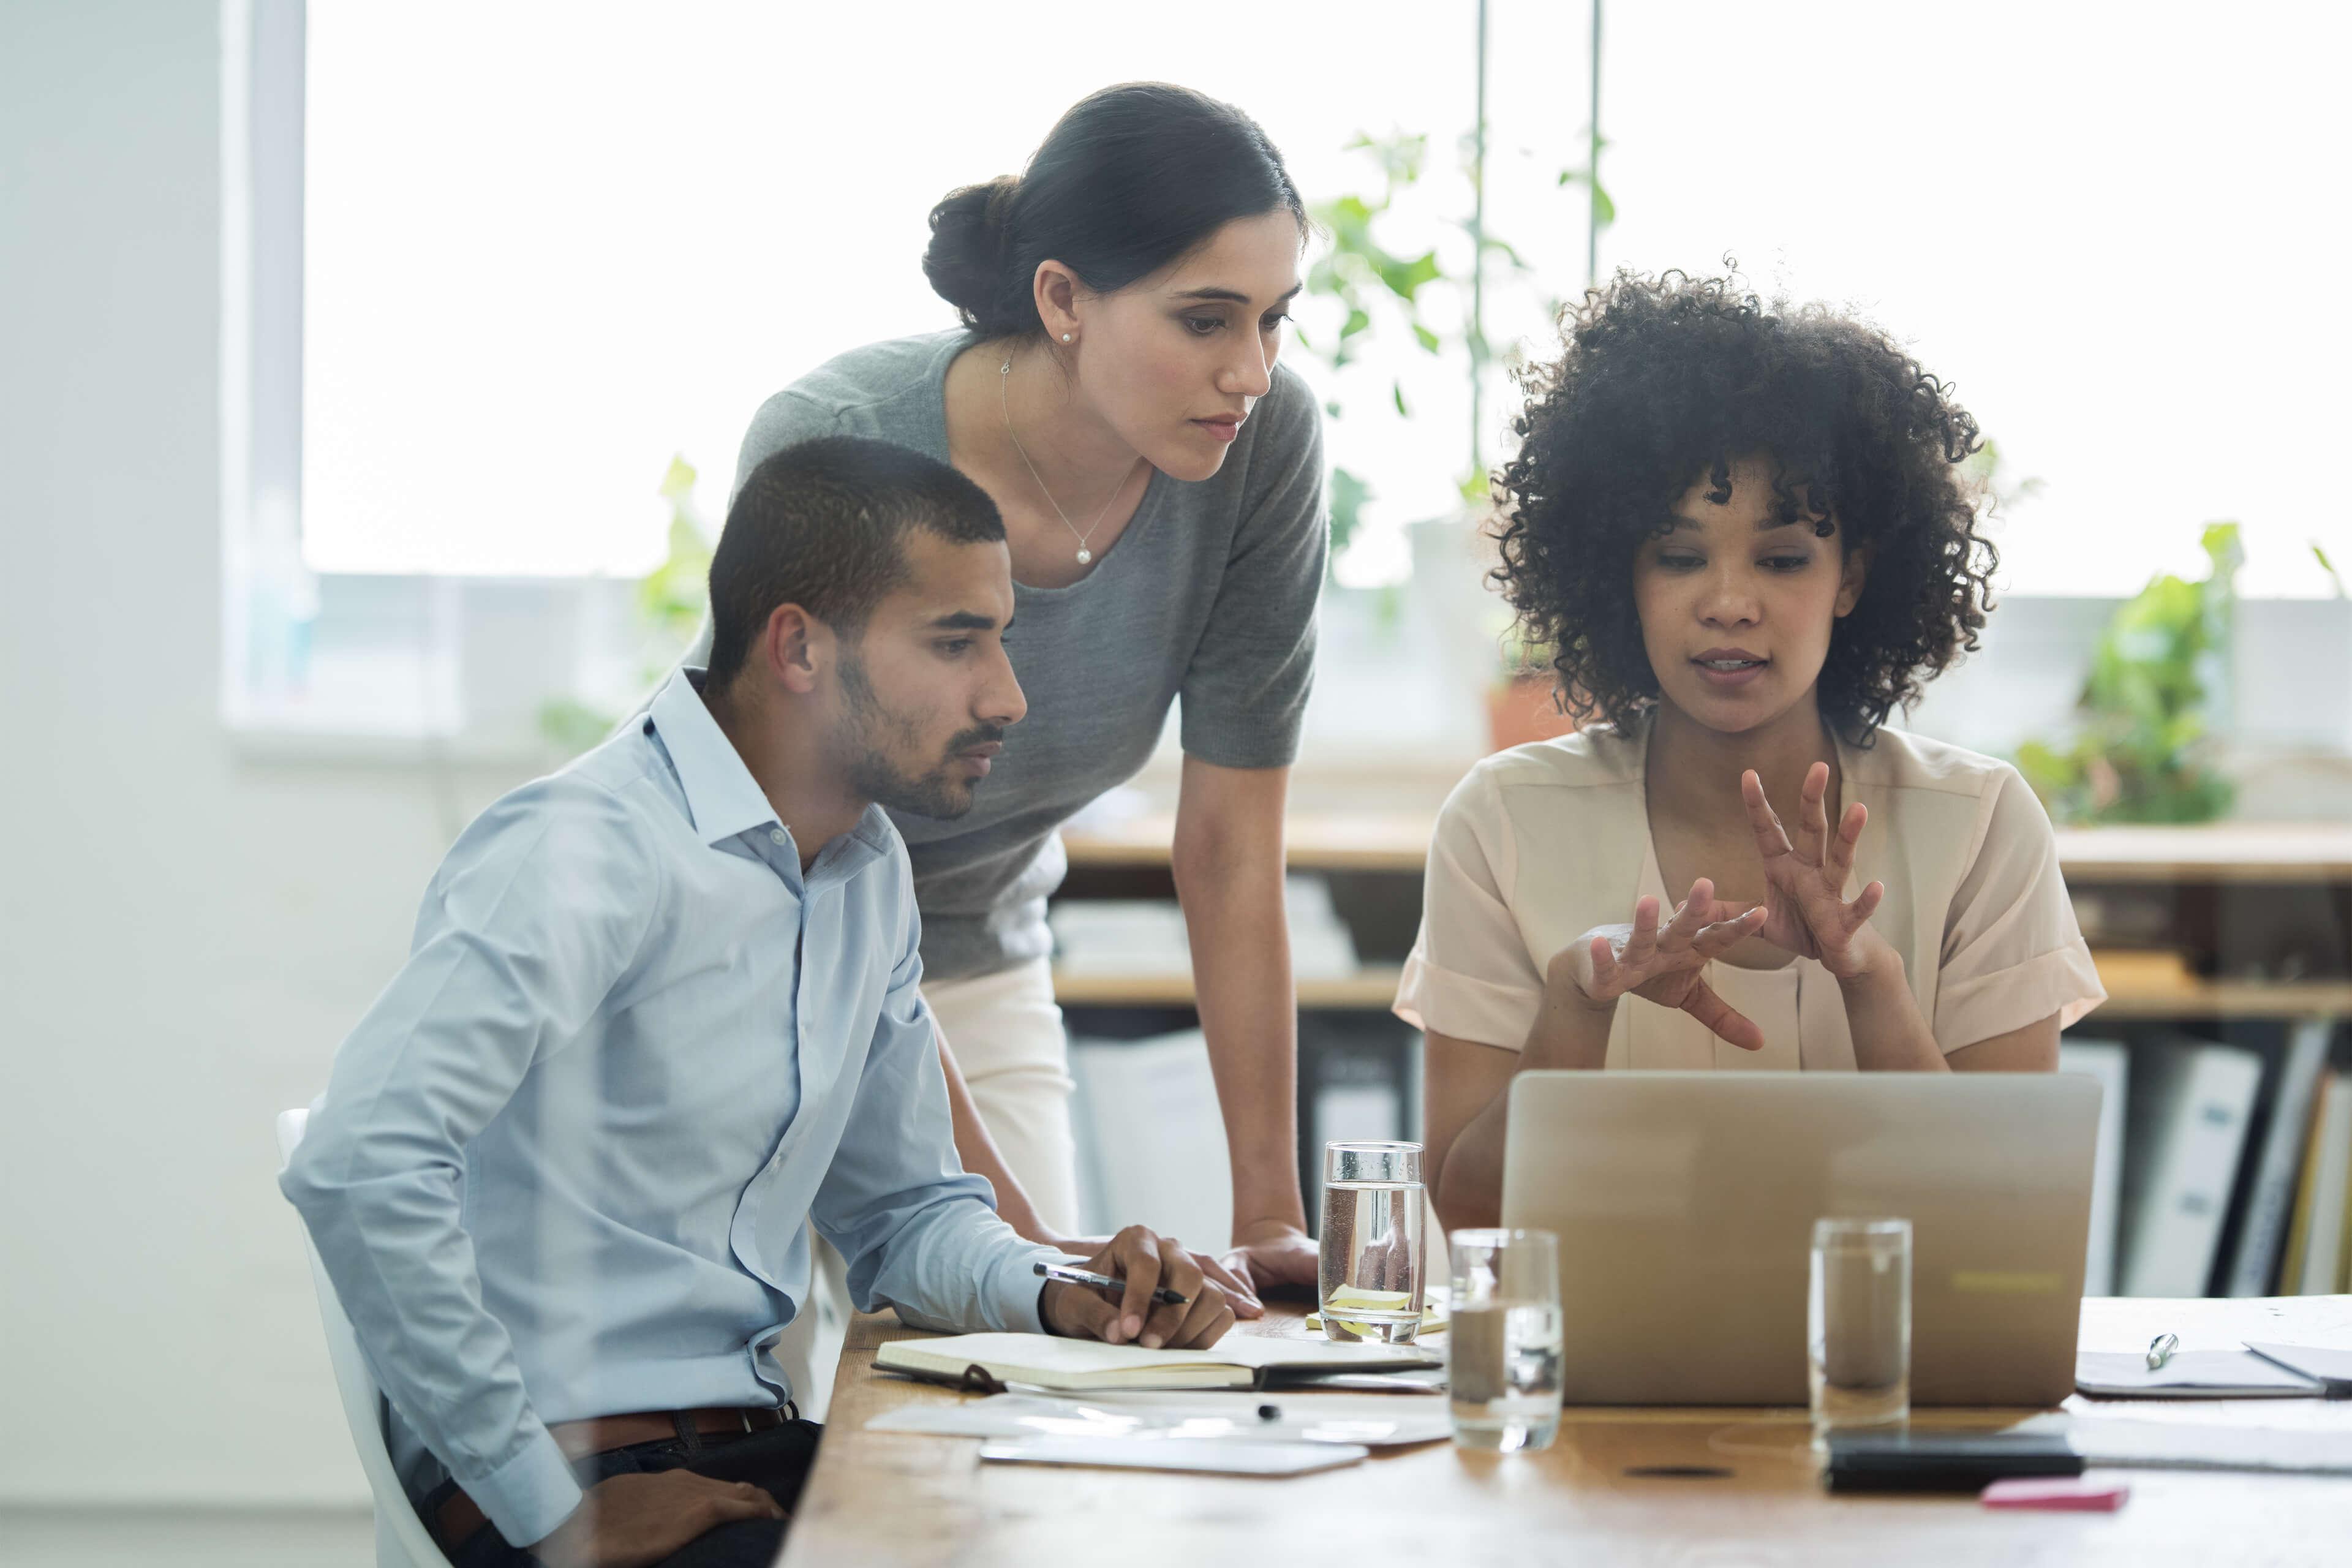 Gender diverse team working together